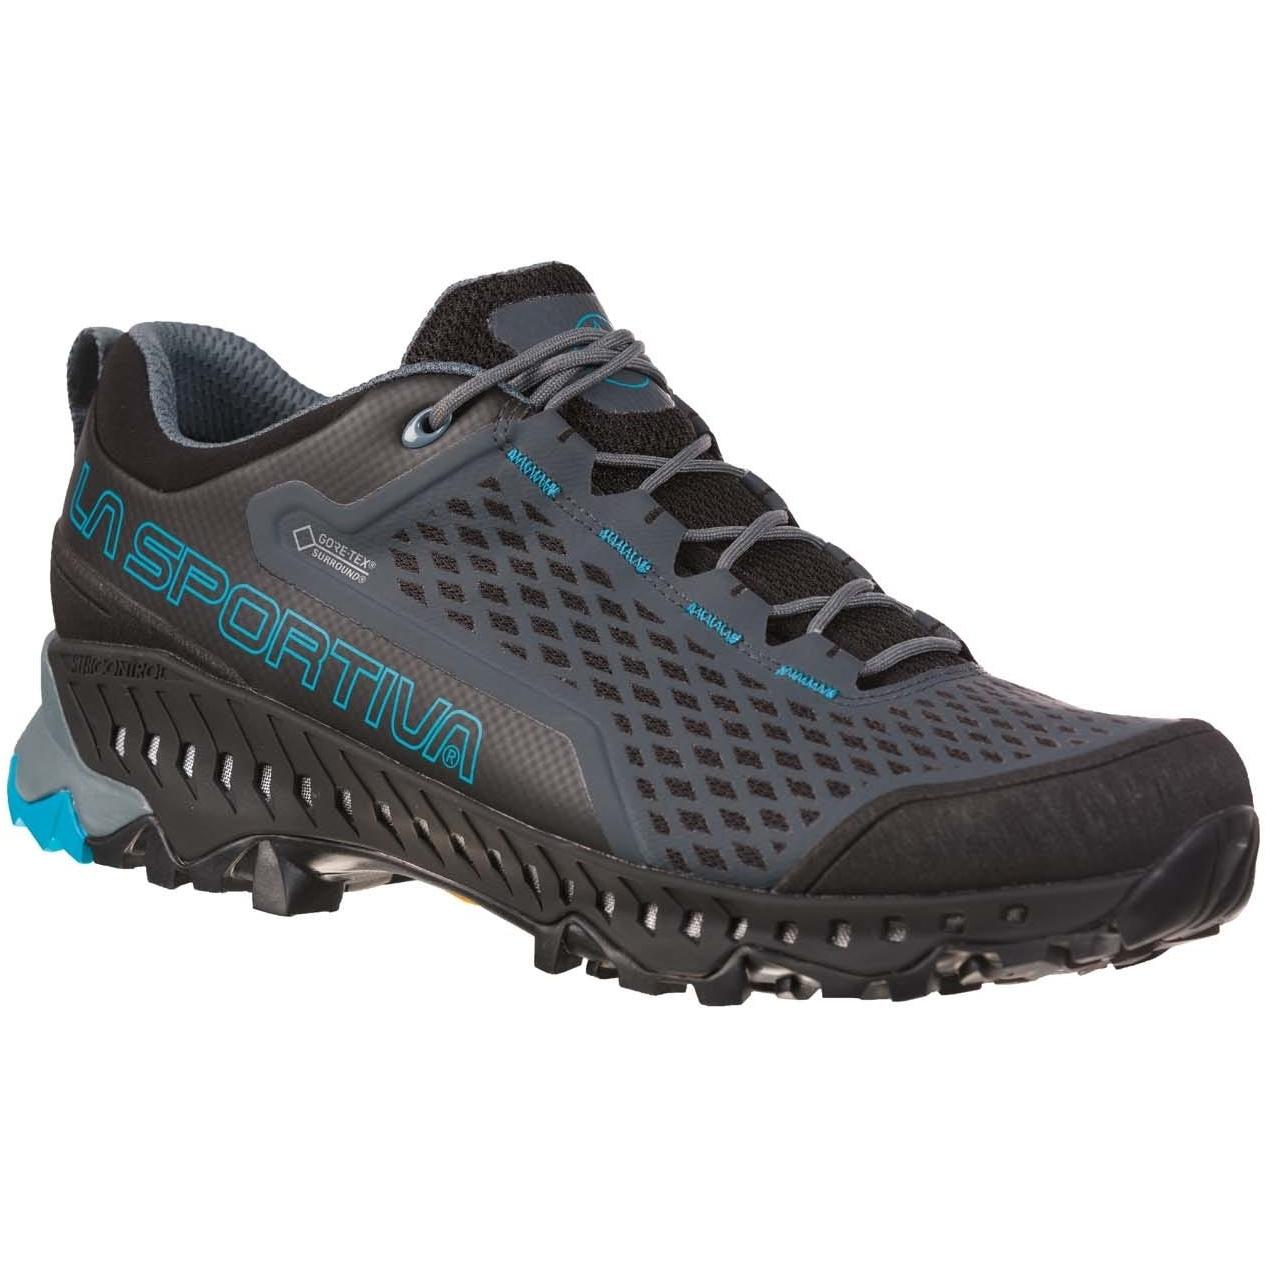 La Sportiva Spire GTX Mountain Wanderschuhe - Slate/Tropic Blue